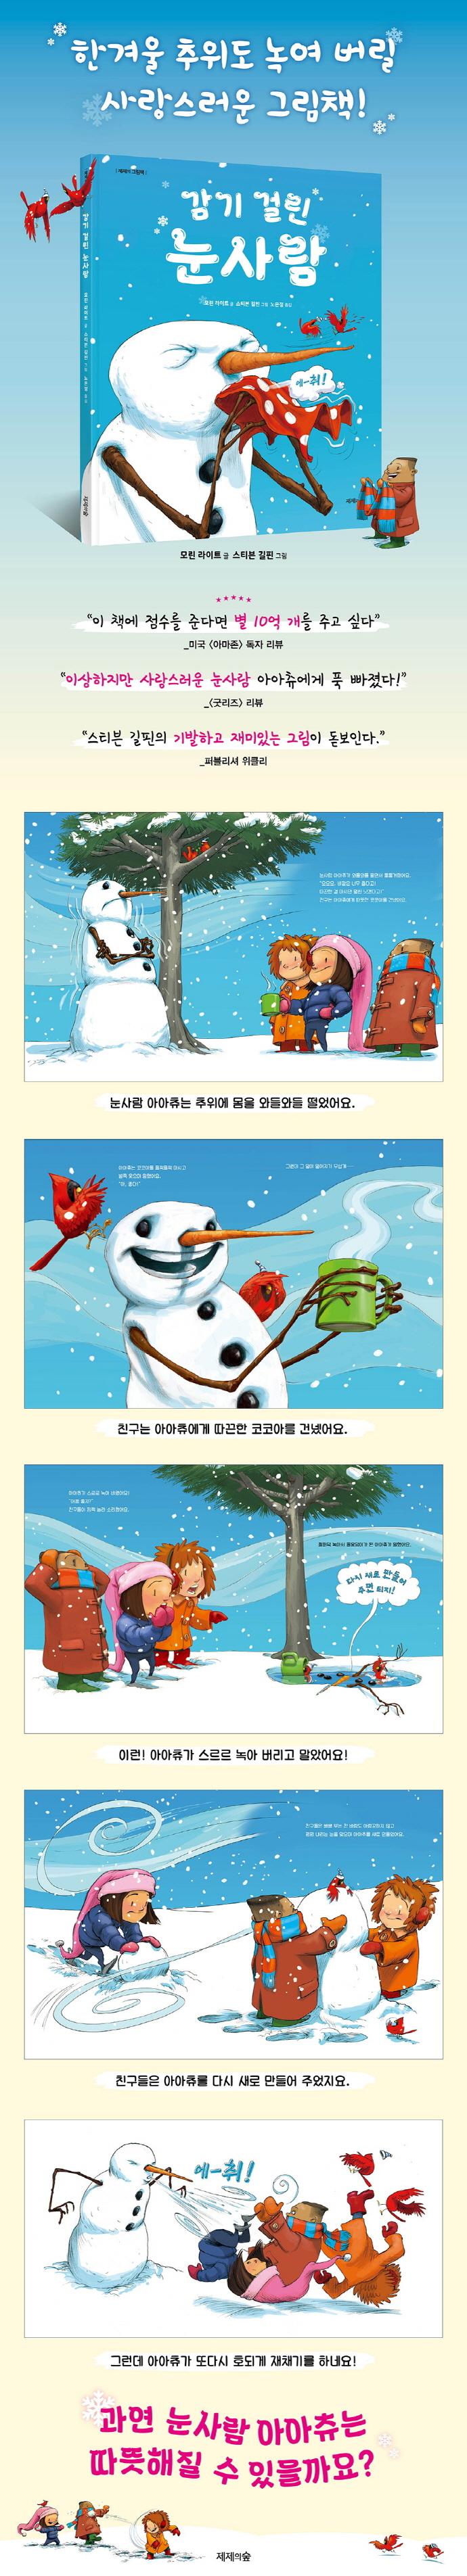 감기 걸린 눈사람(제제의 그림책)(양장본 HardCover) 도서 상세이미지